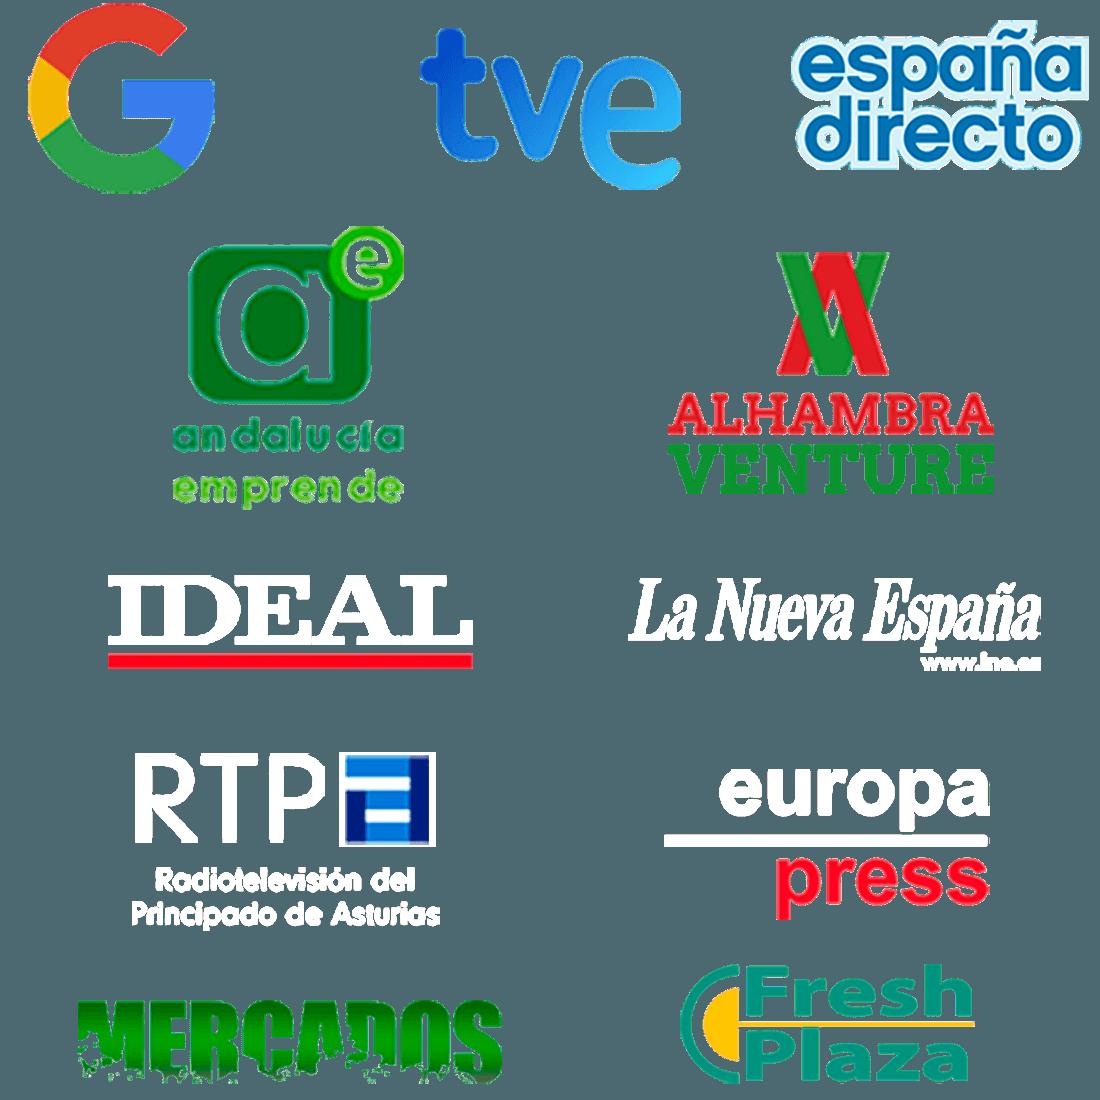 huerta tropical premios y medios de comunicación